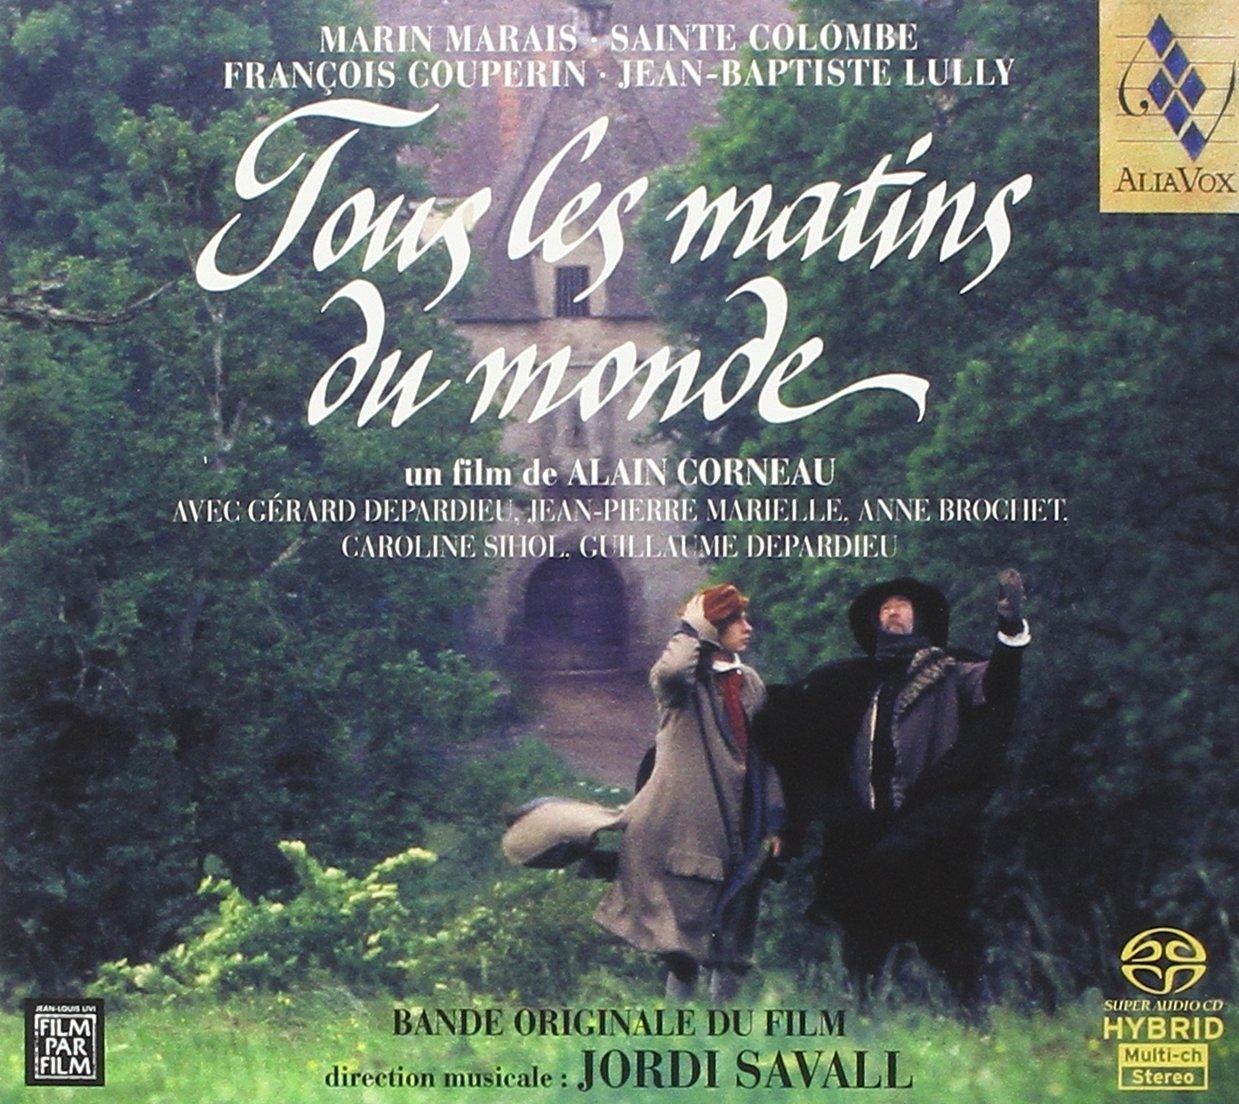 La r veuse by marin marais the music aficionado for Les magasins du monde